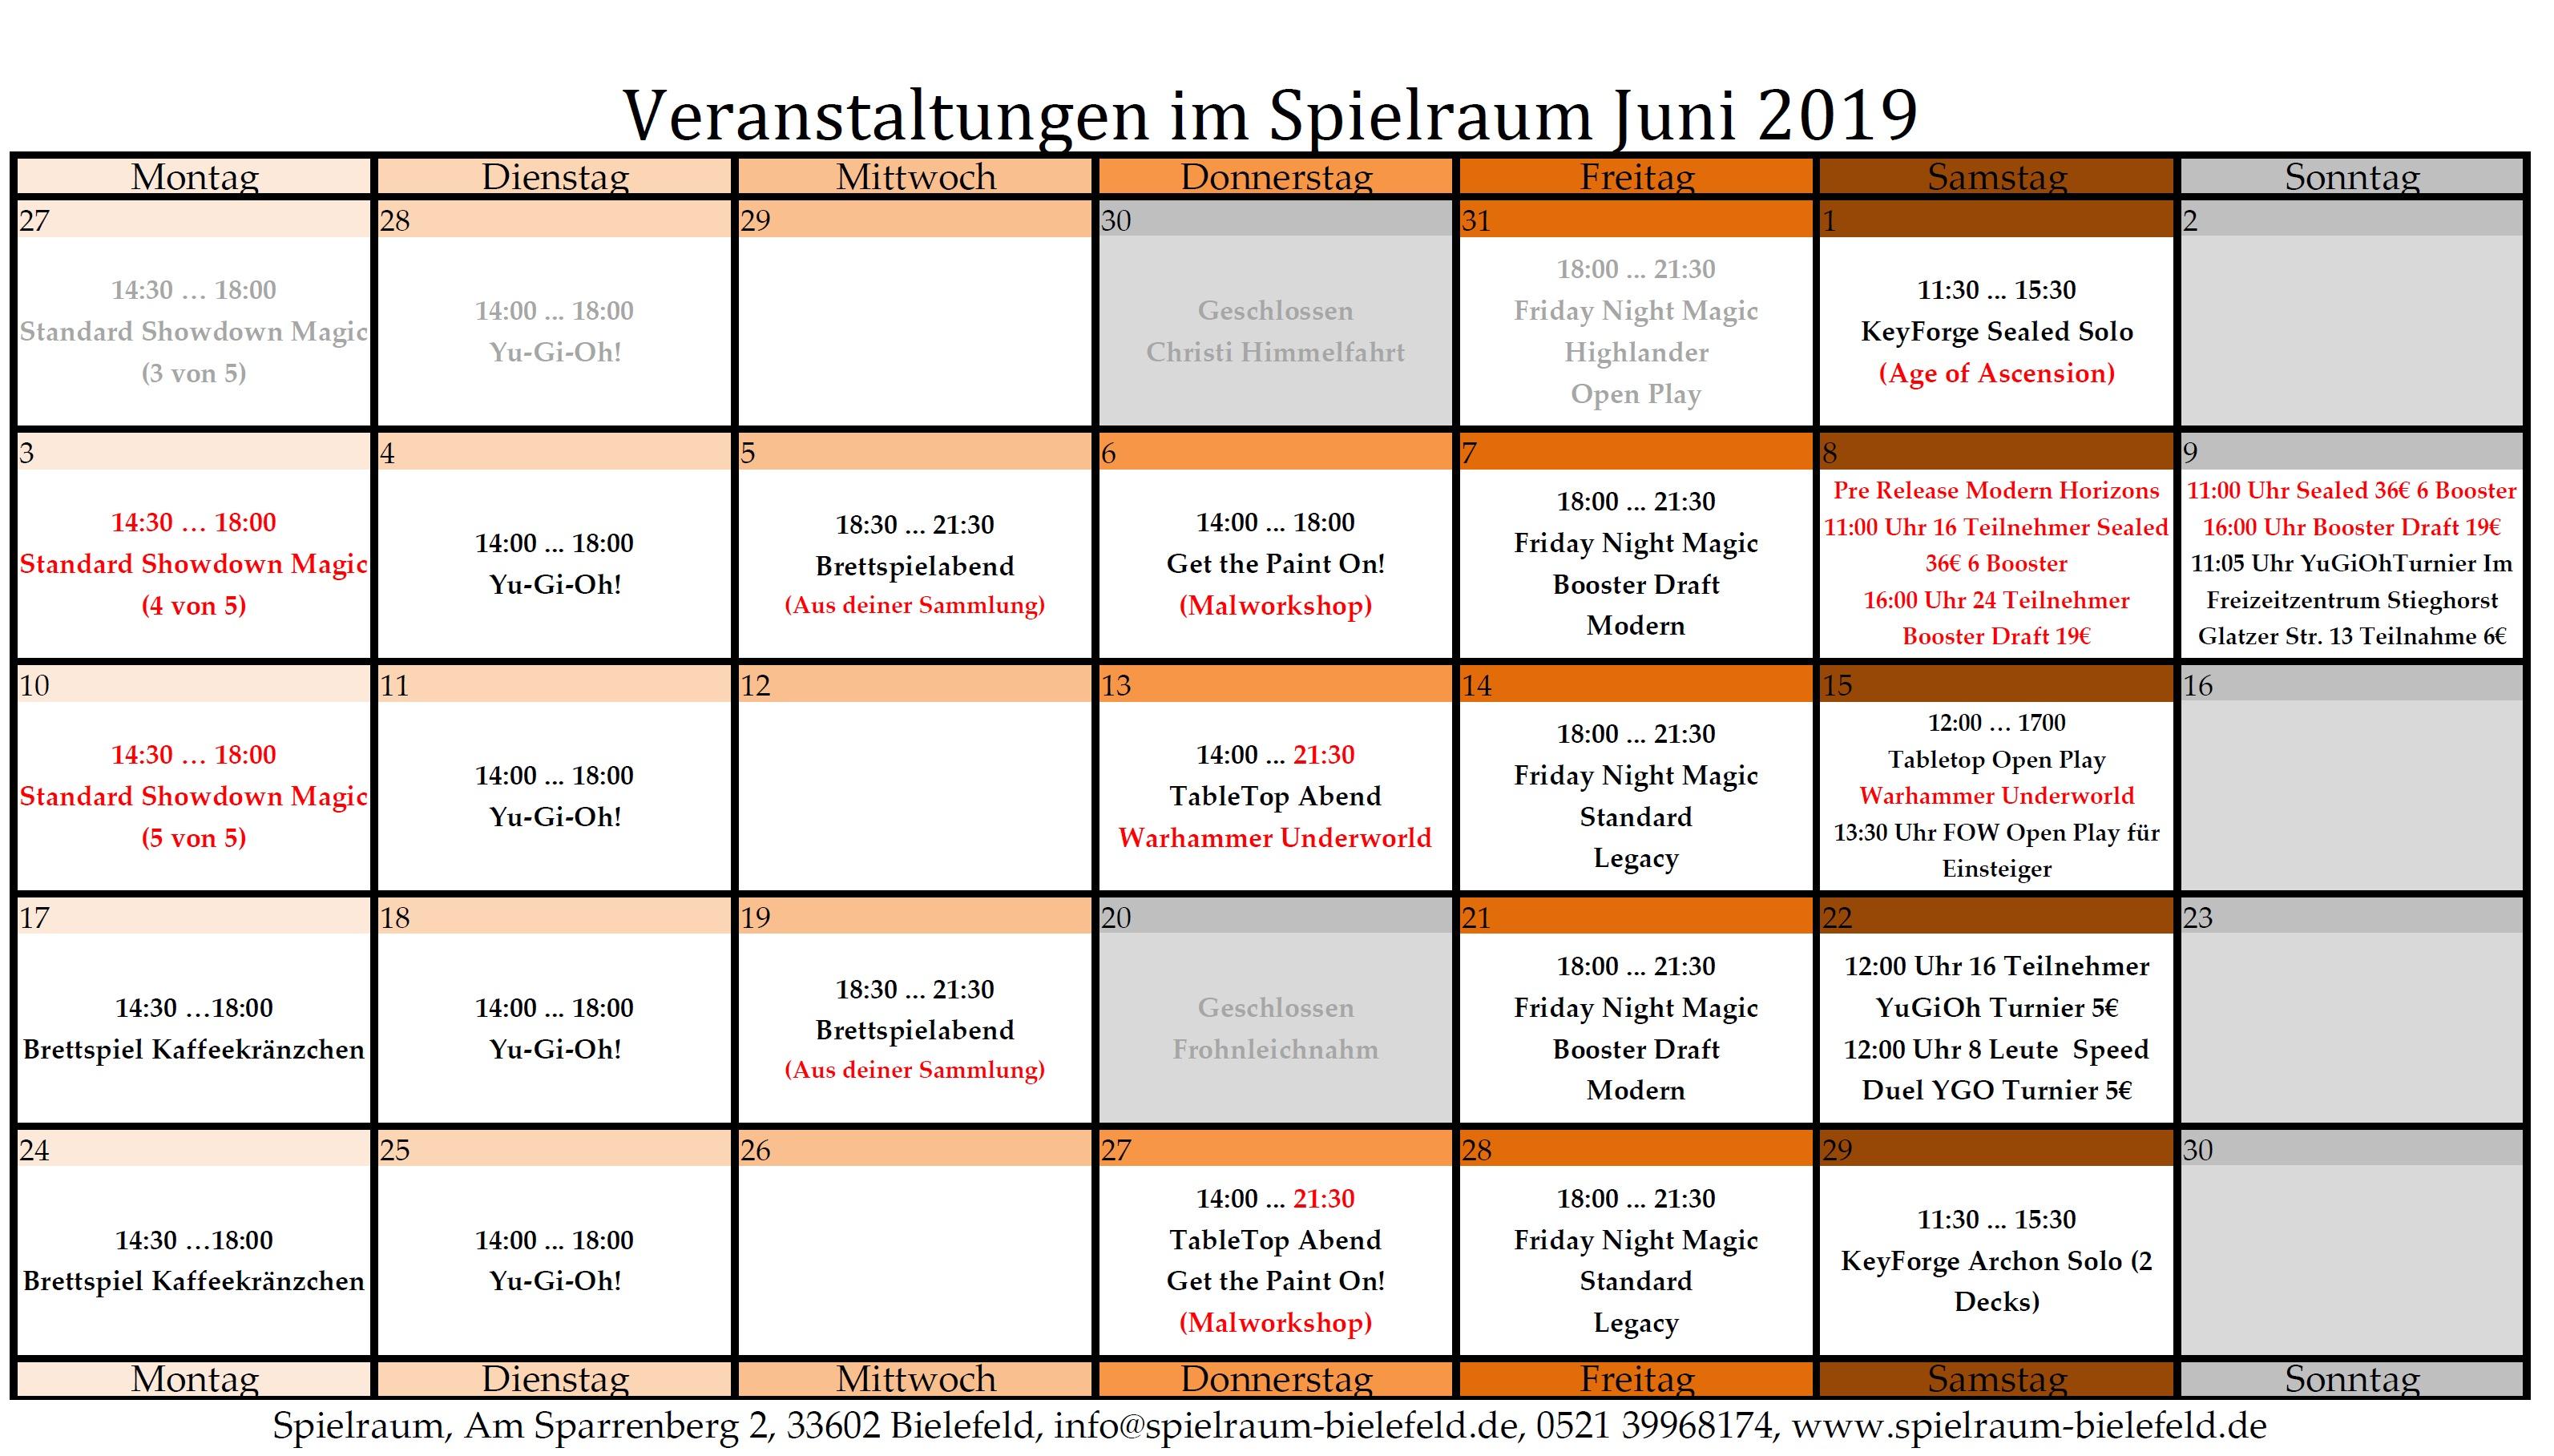 Monatsplan Juni 2019